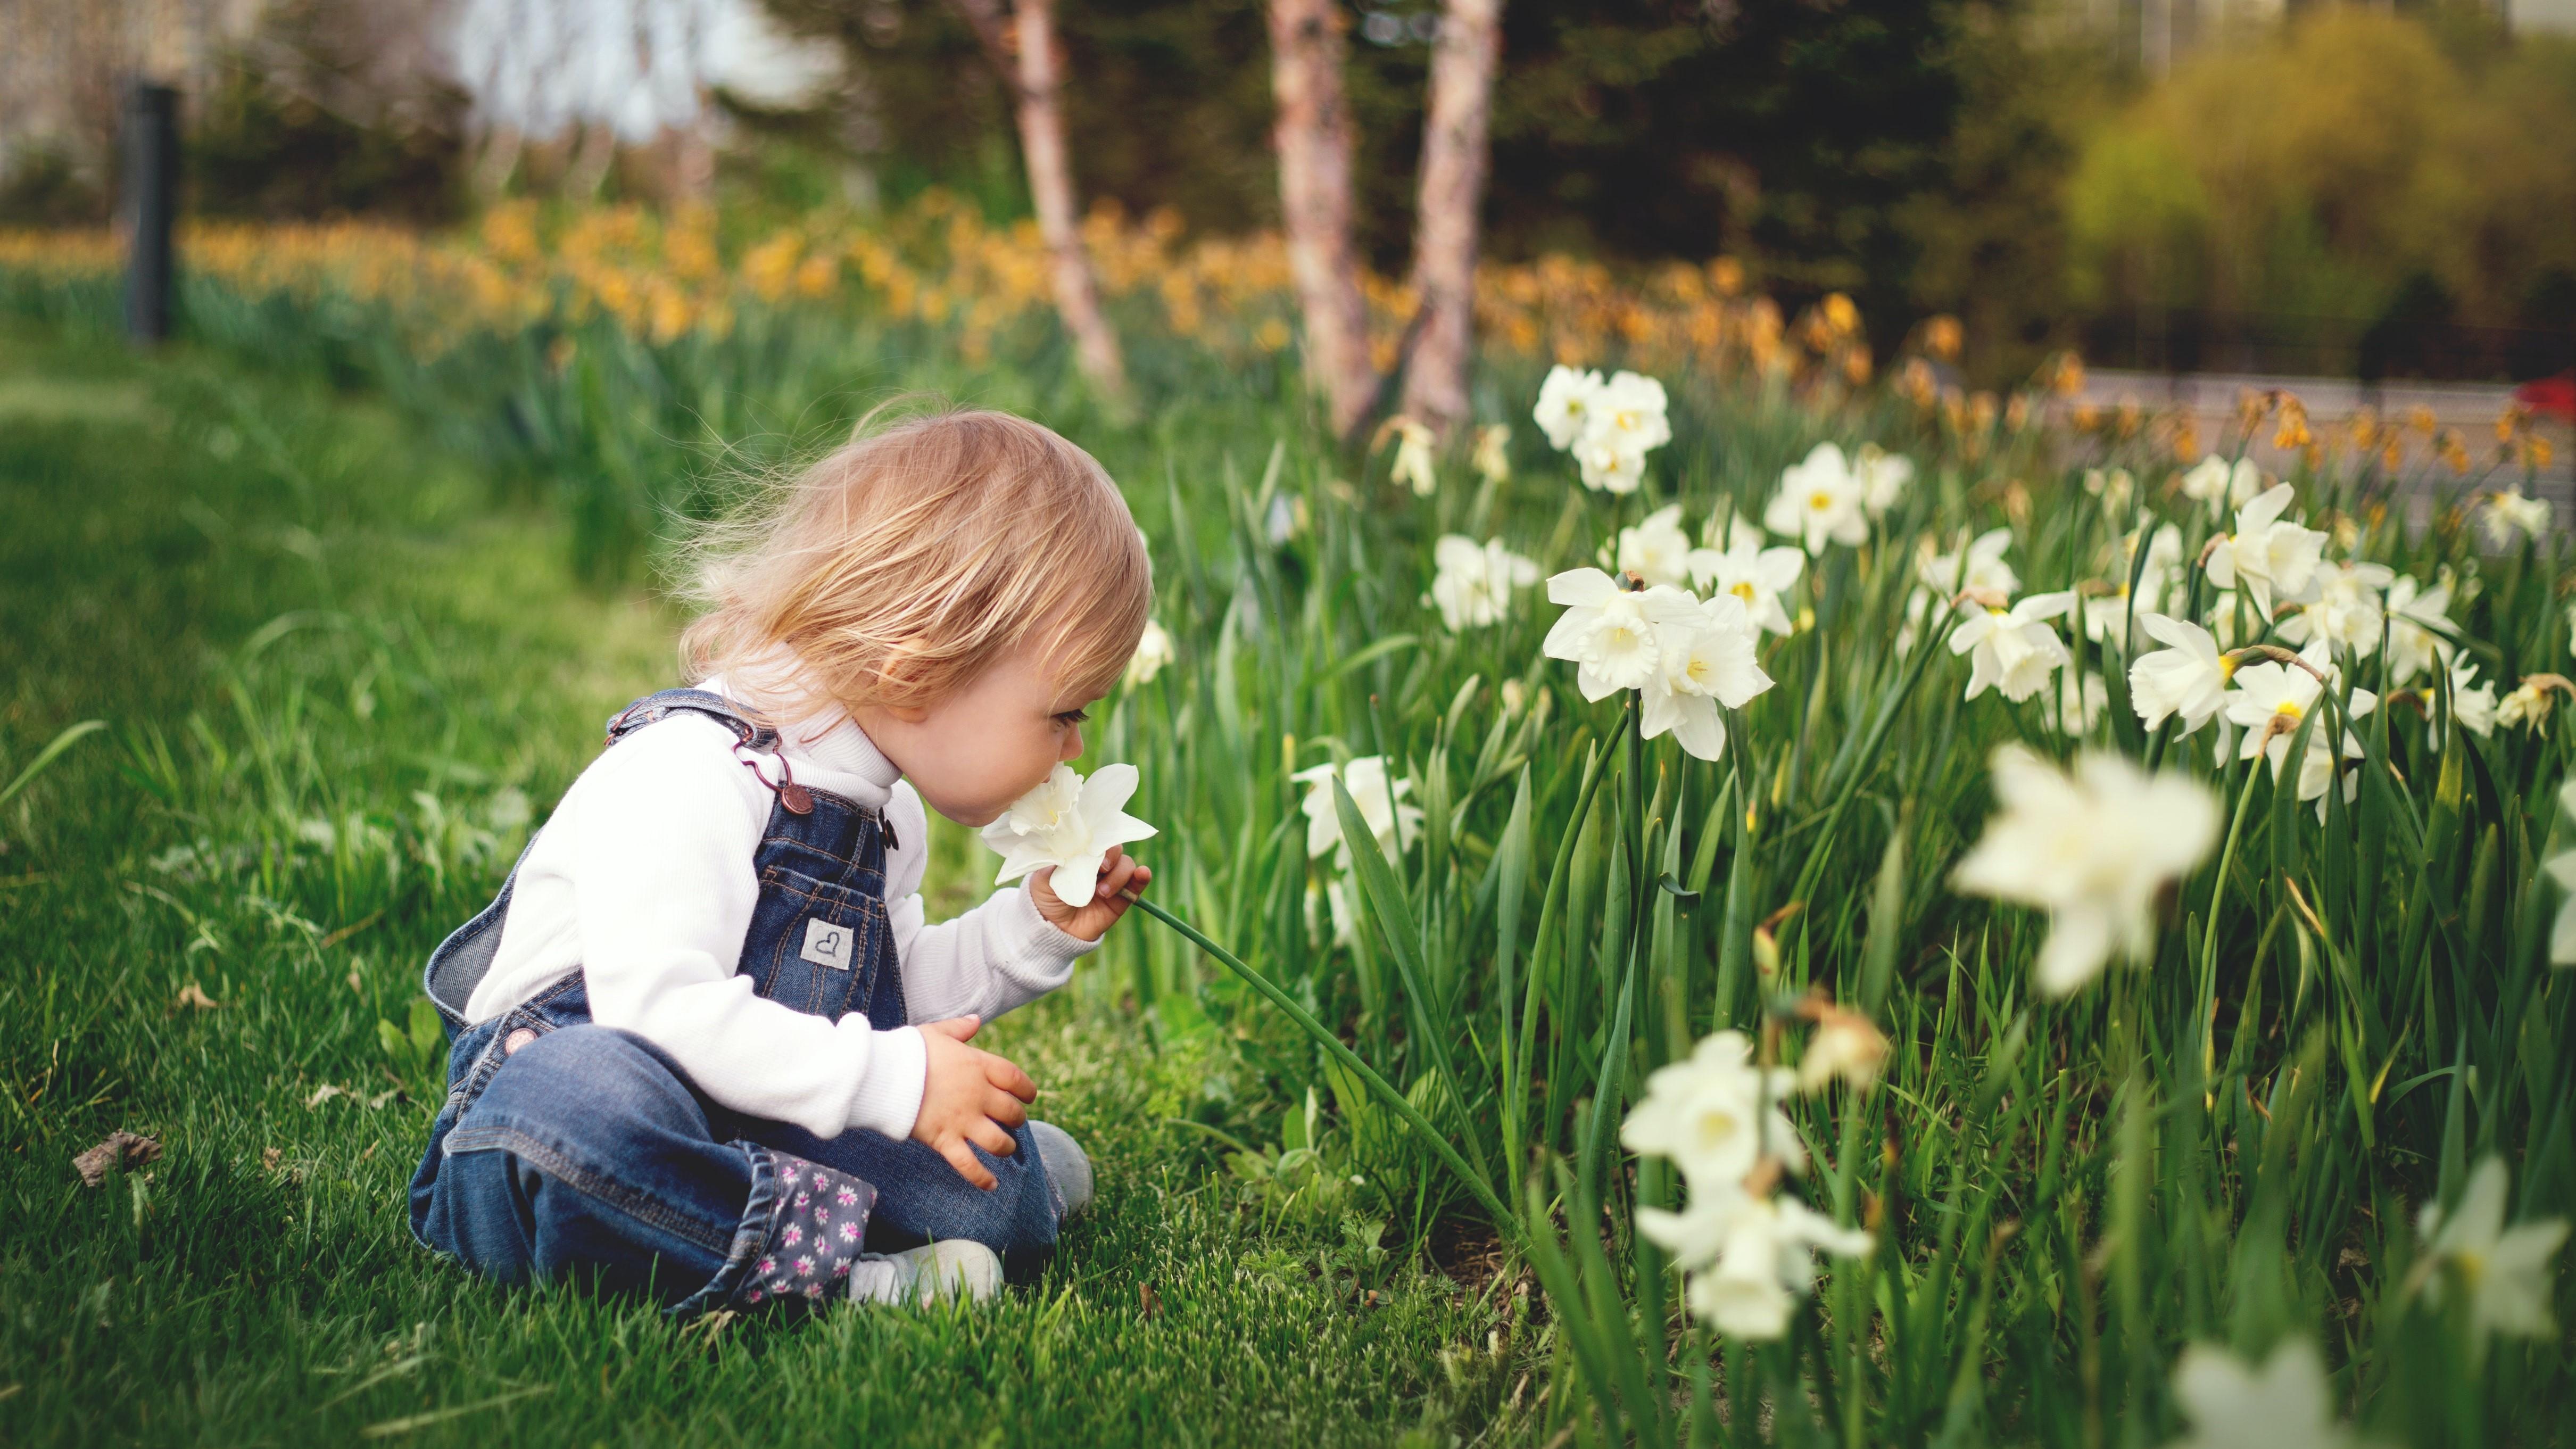 Gyermek a kertben